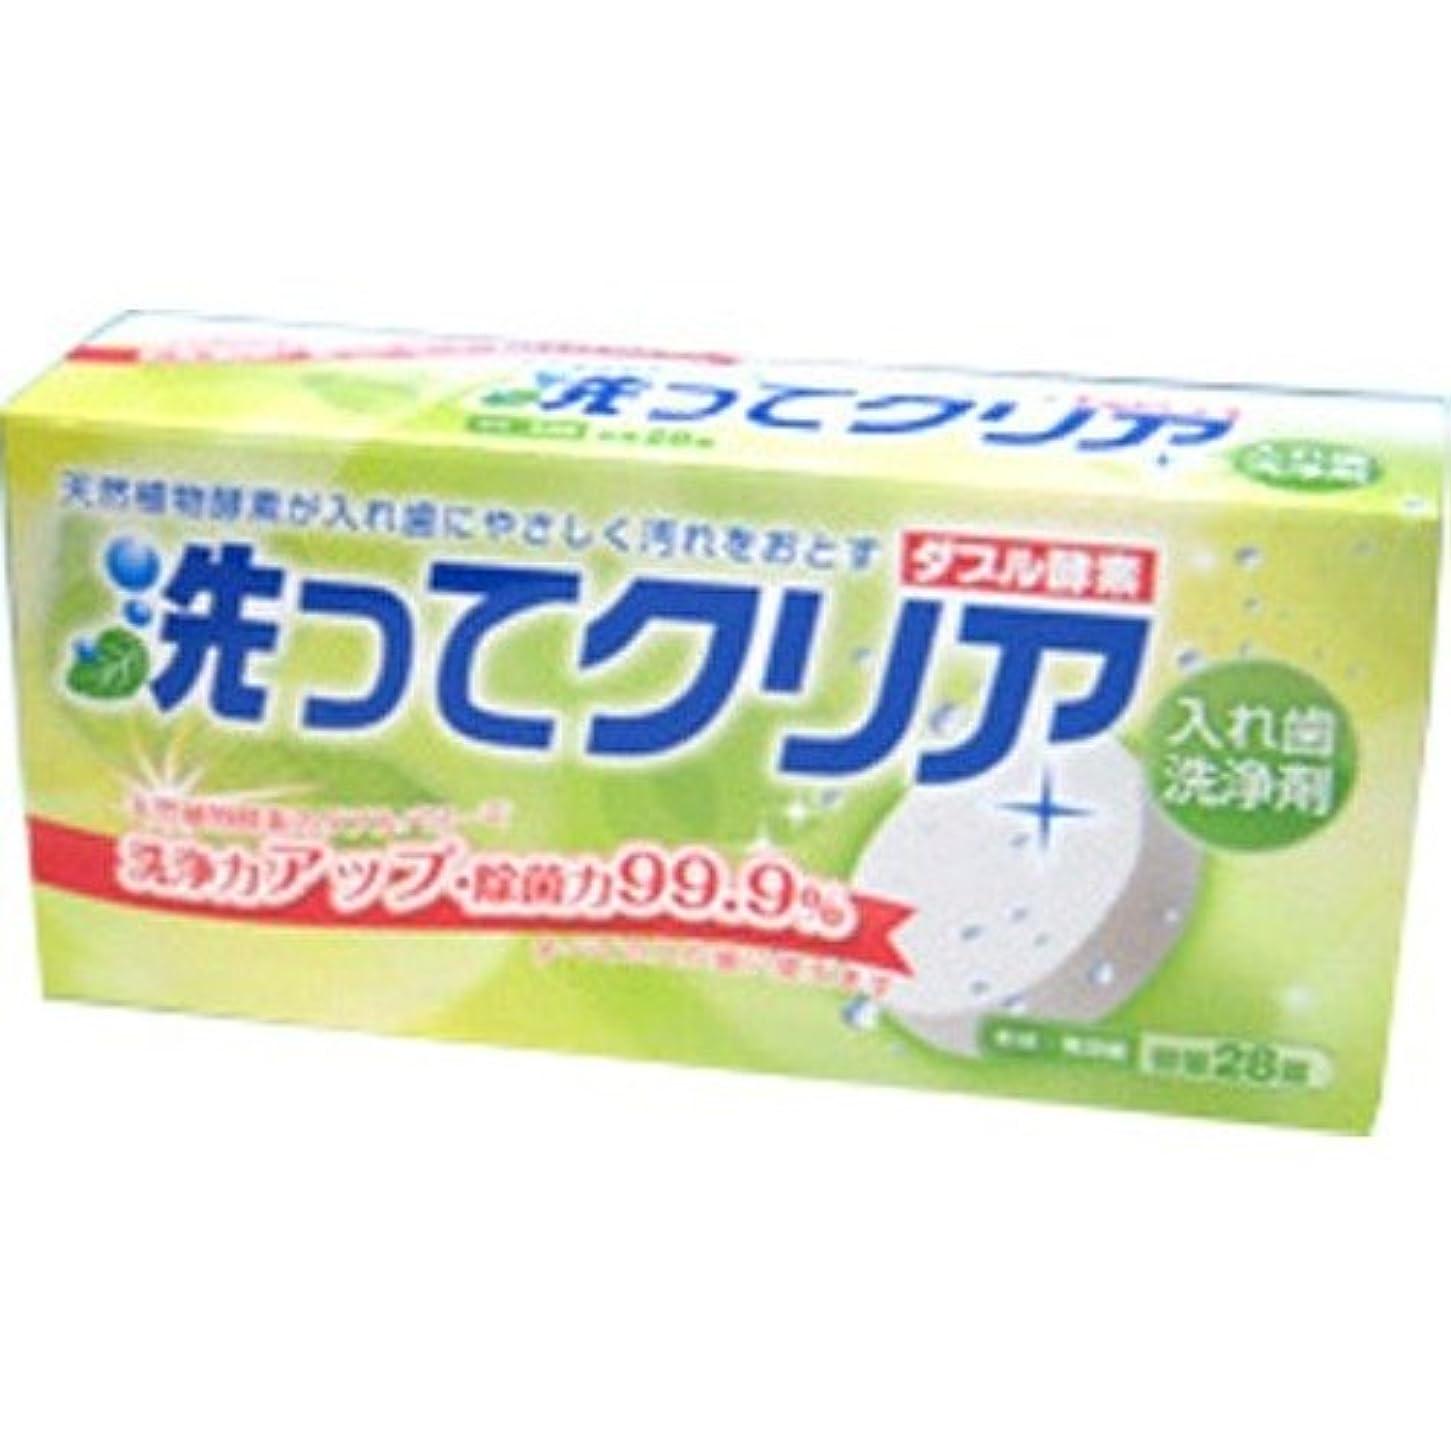 勝つ維持する航海東伸洋行株式会社 洗ってクリア ダブル酵素 28錠 入れ歯洗浄剤